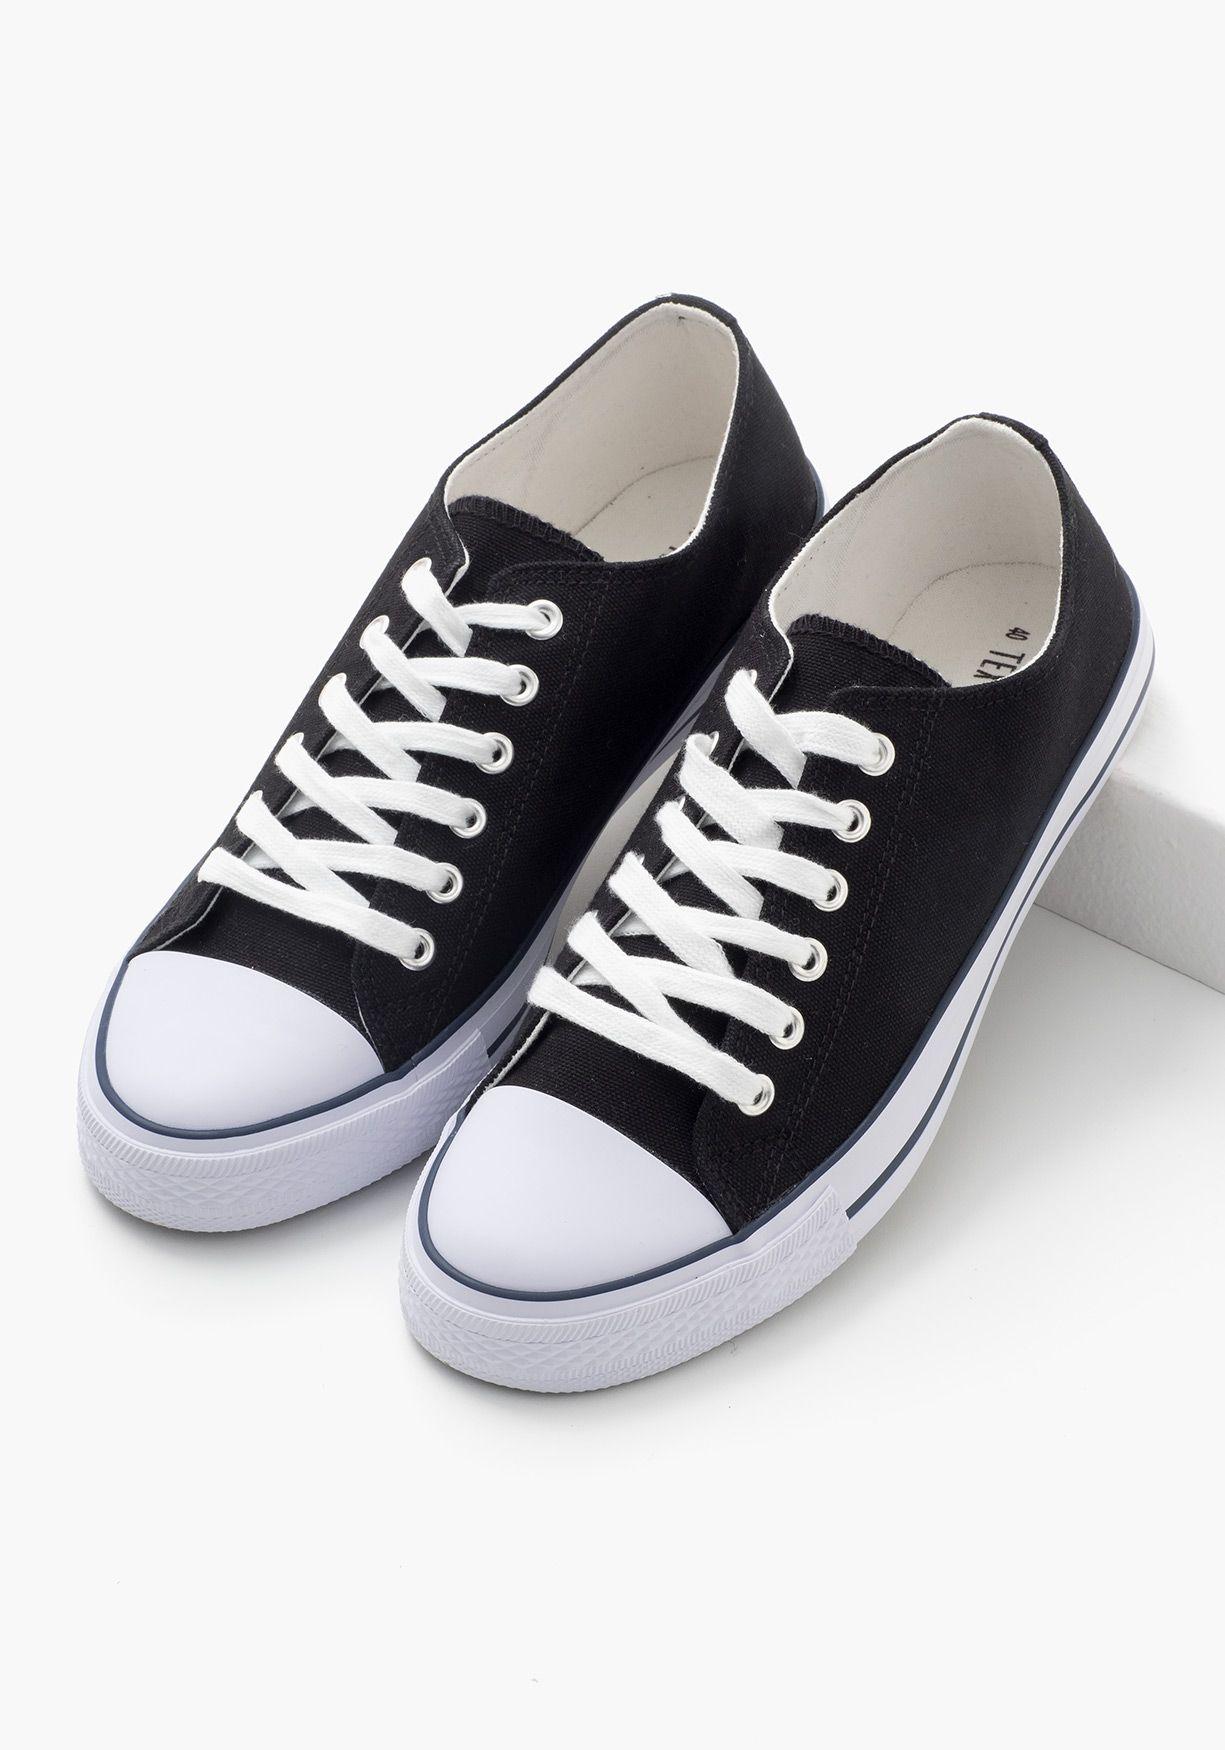 zapatillas nike mujer 2017 de estar por casa